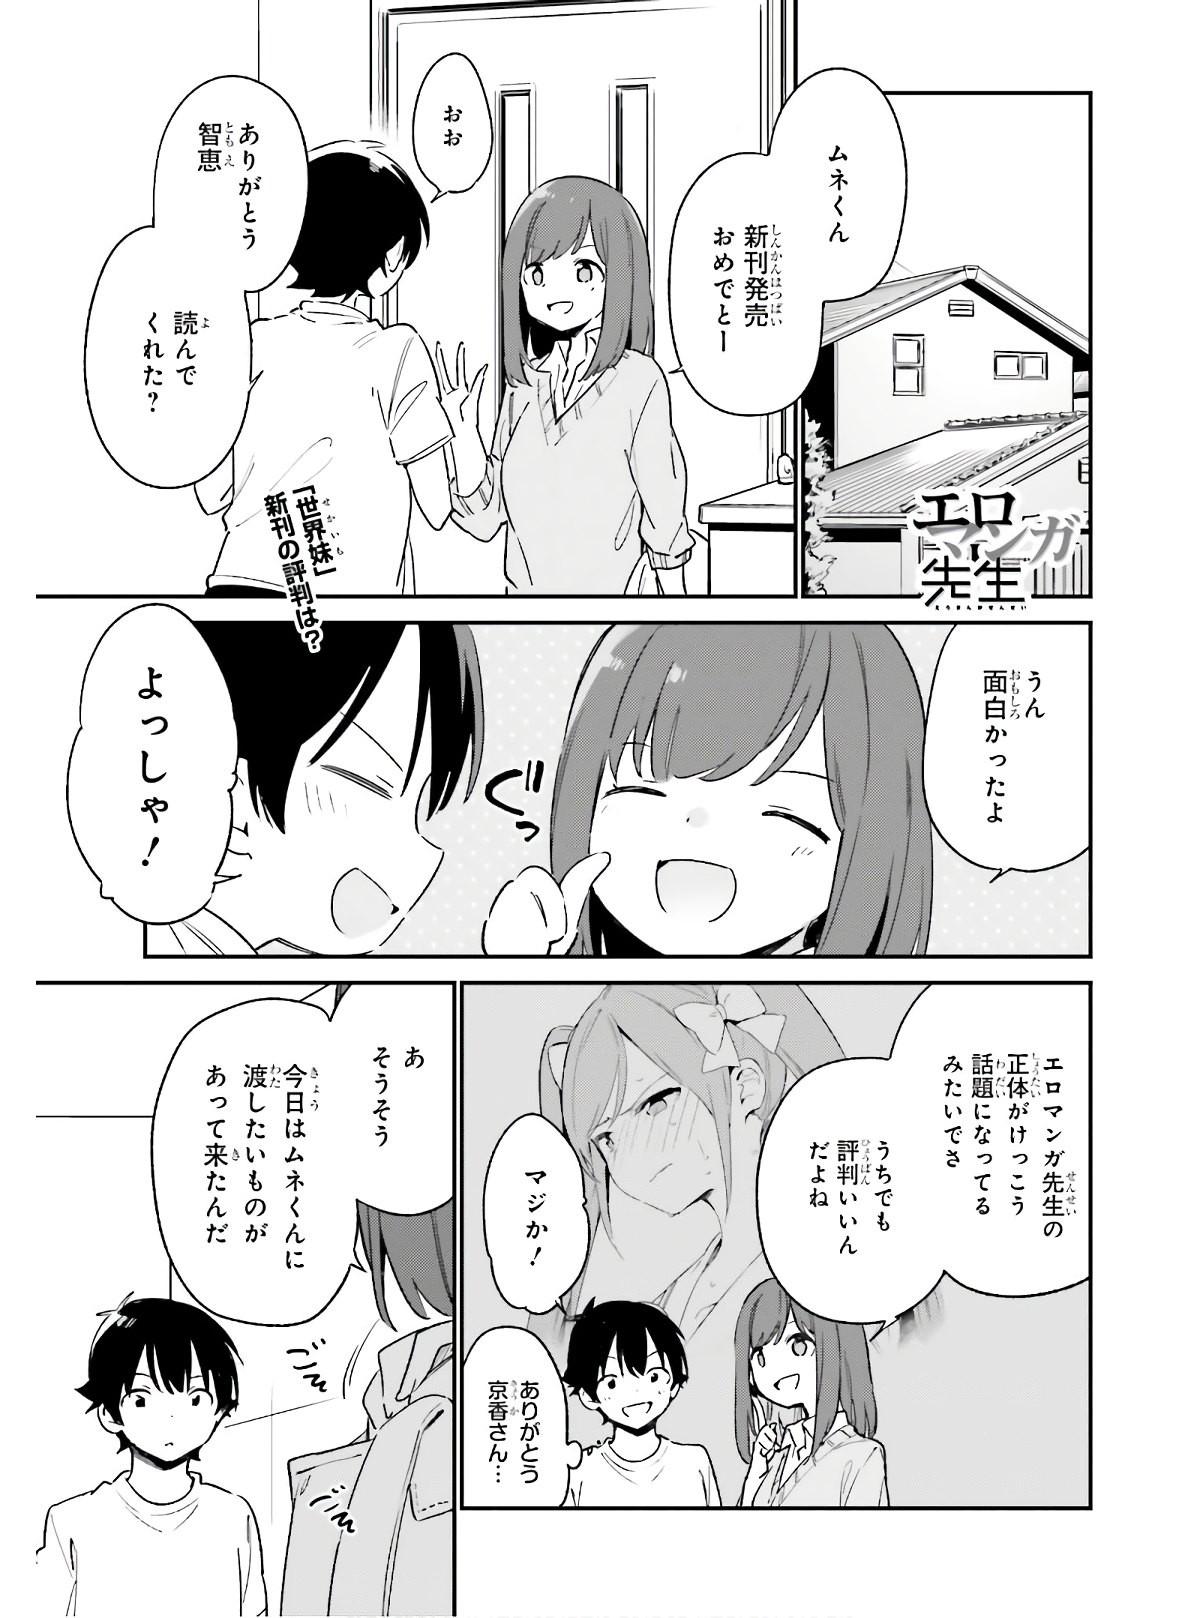 Ero Manga Sensei - Chapter 72 - Page 1